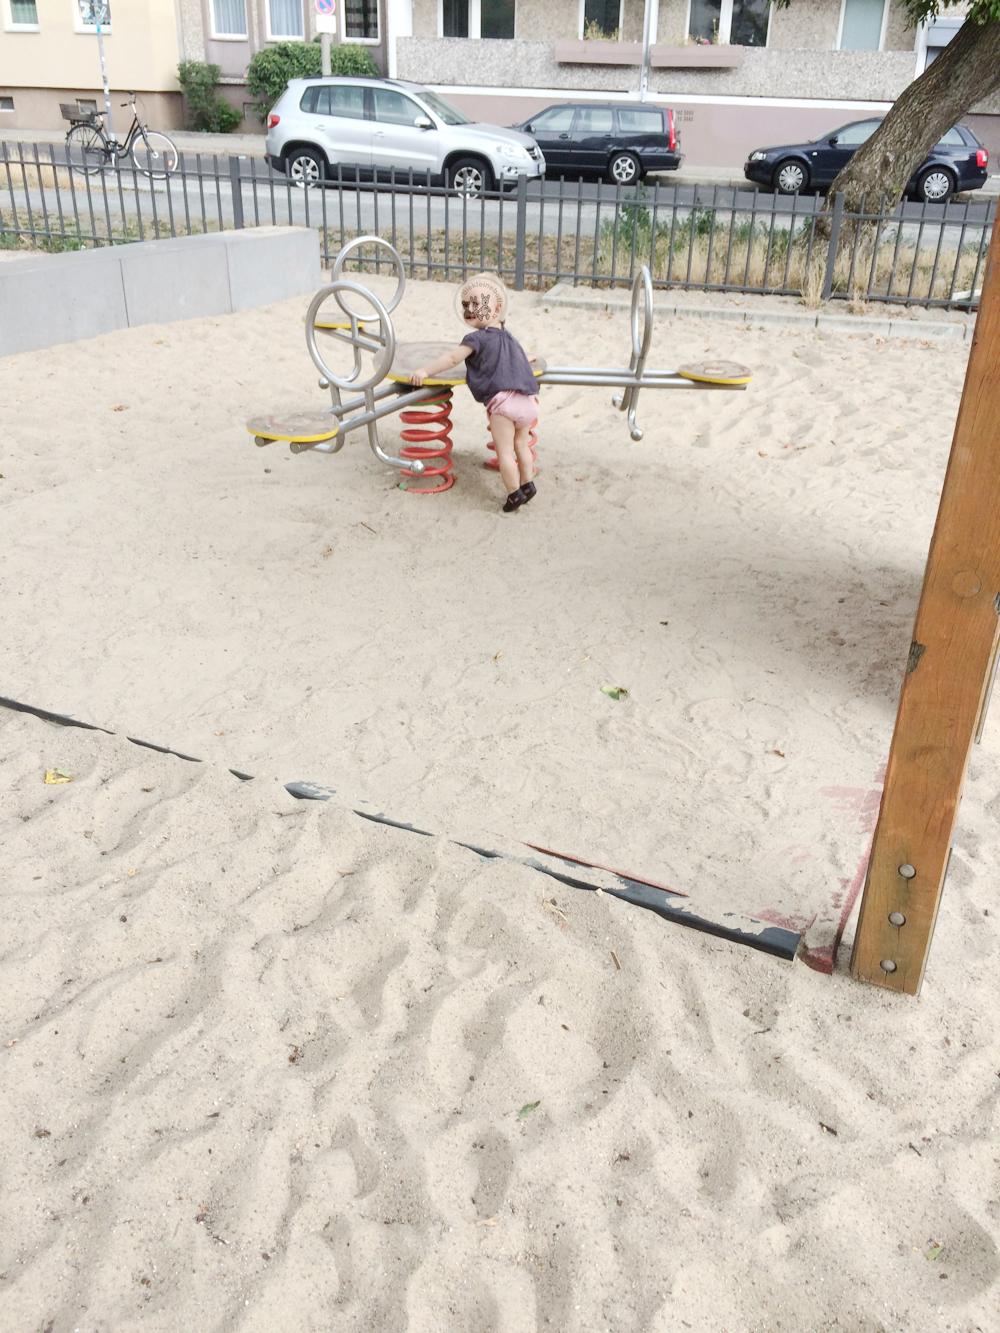 spielplatz-alte-schoenhauser-straße-berlin-die kleine botin